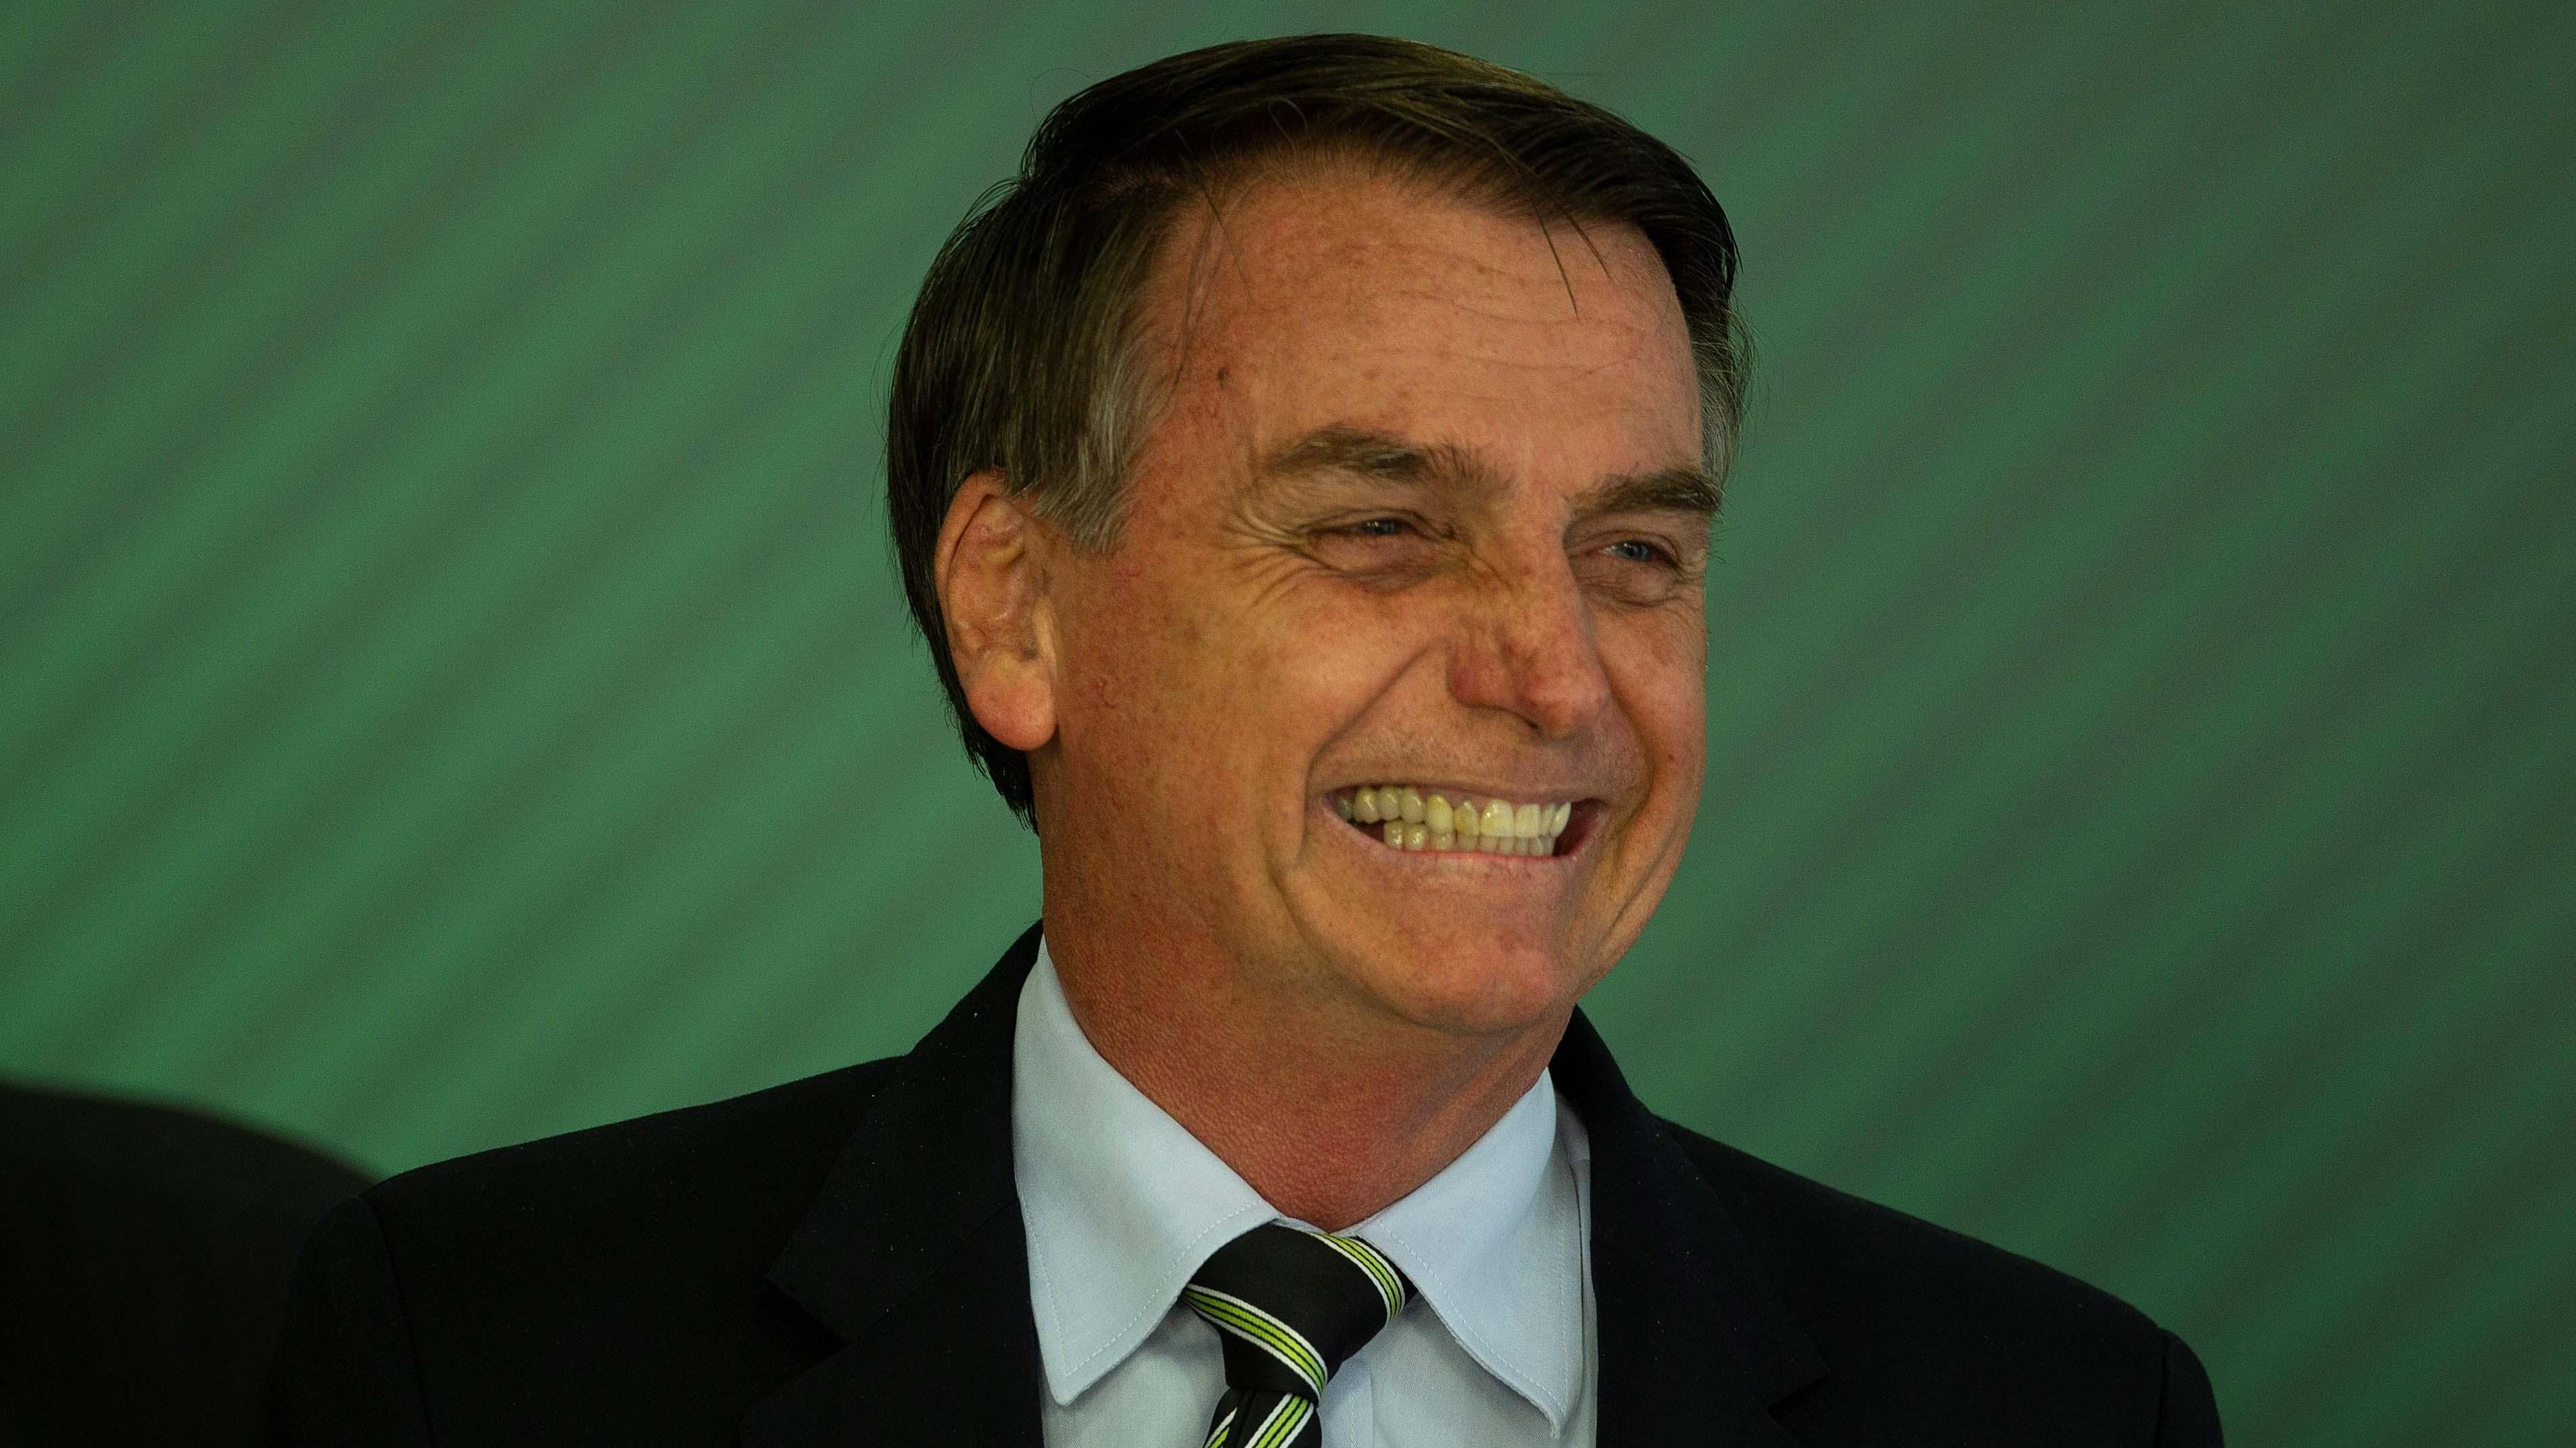 Jair Bolsonaro presenta importante mejora tras operación: volvió a comer